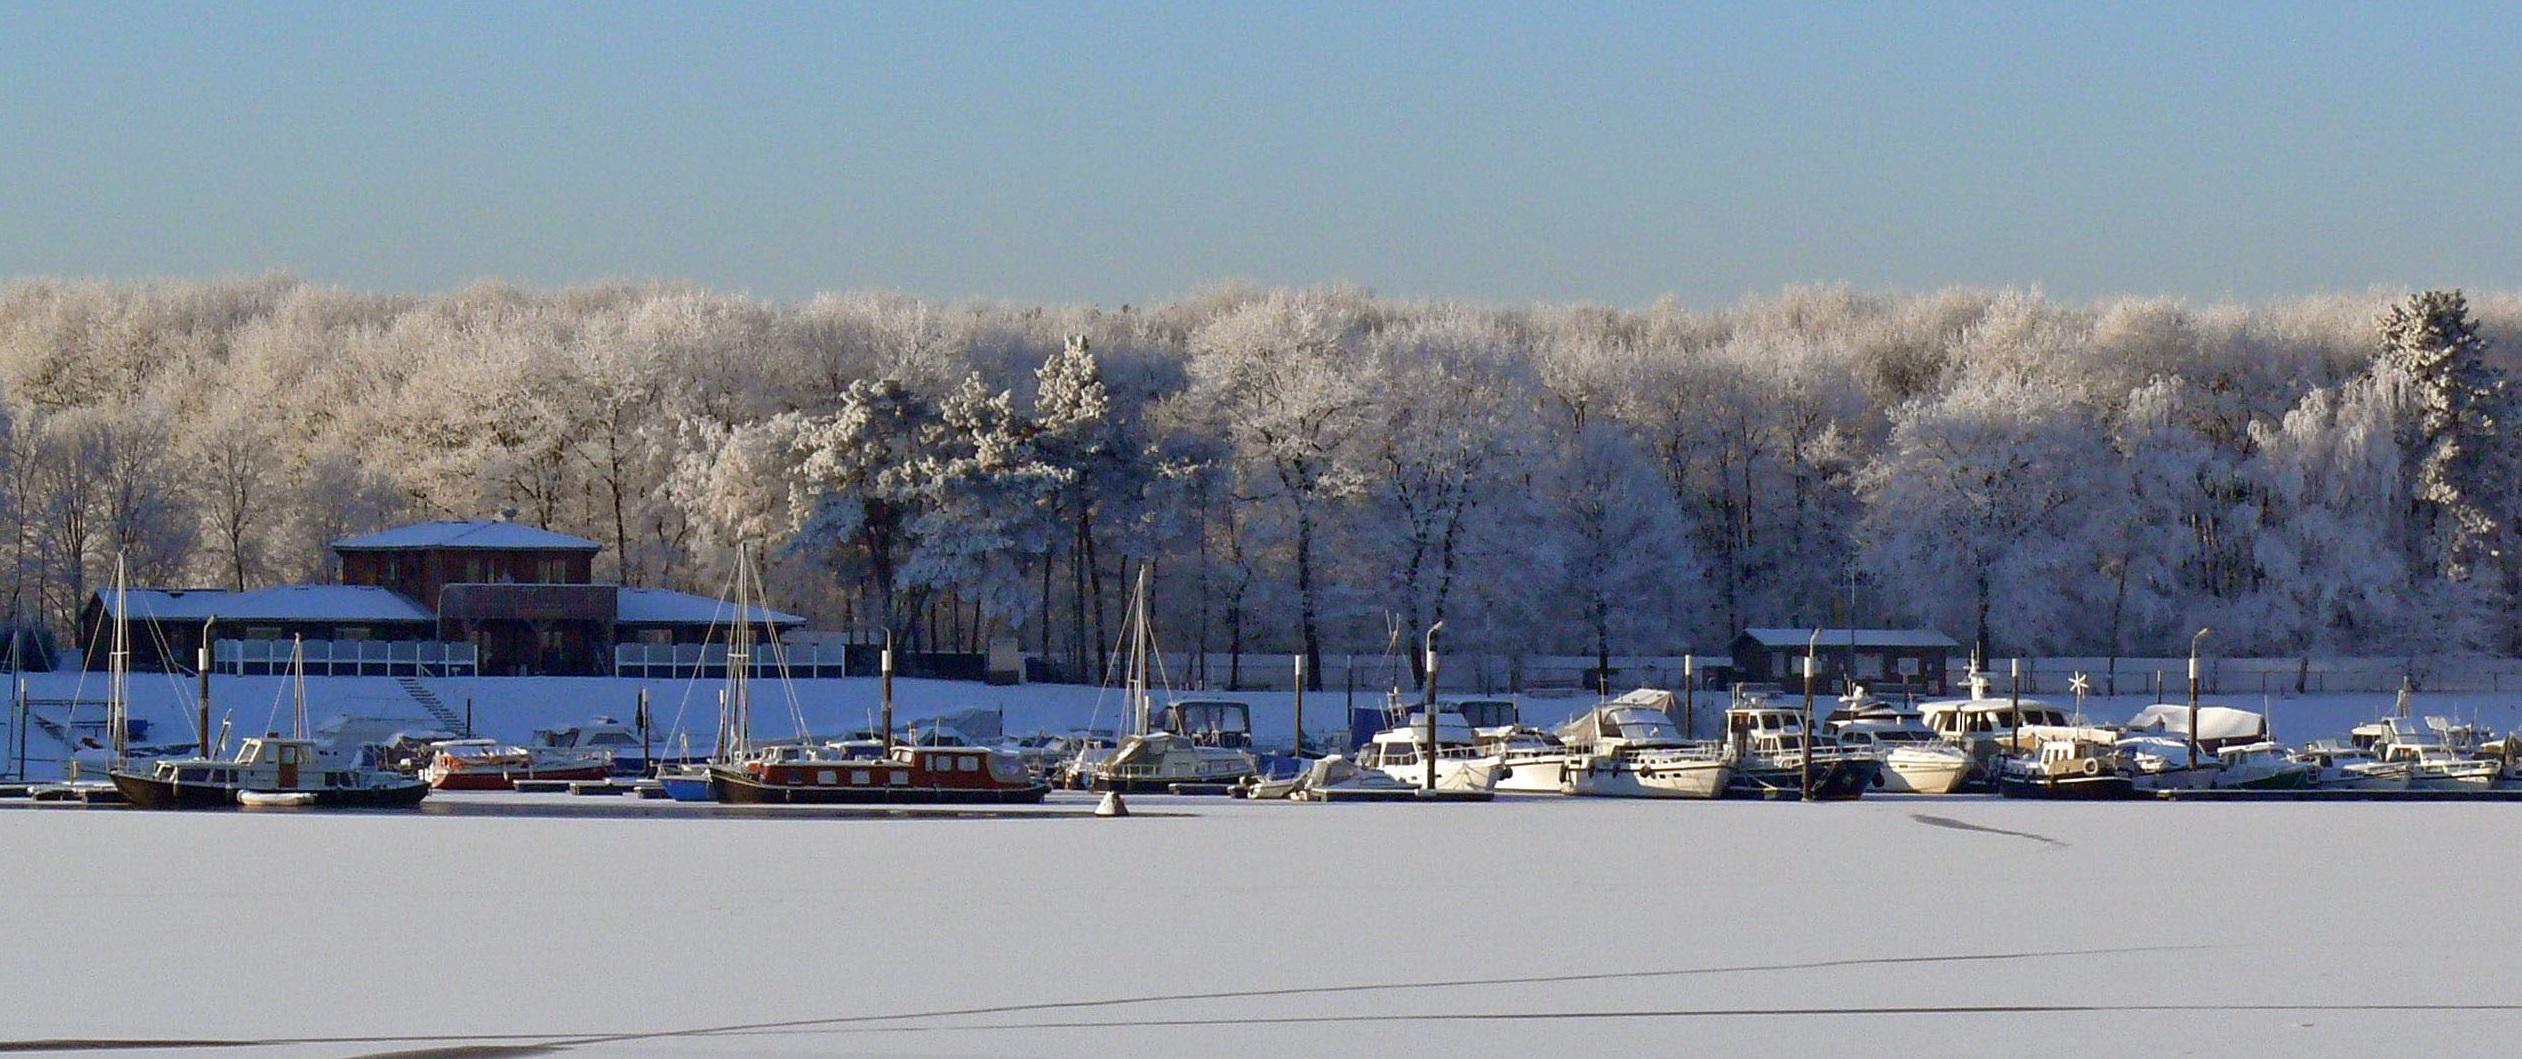 Jachthaven de Driesen in de winter